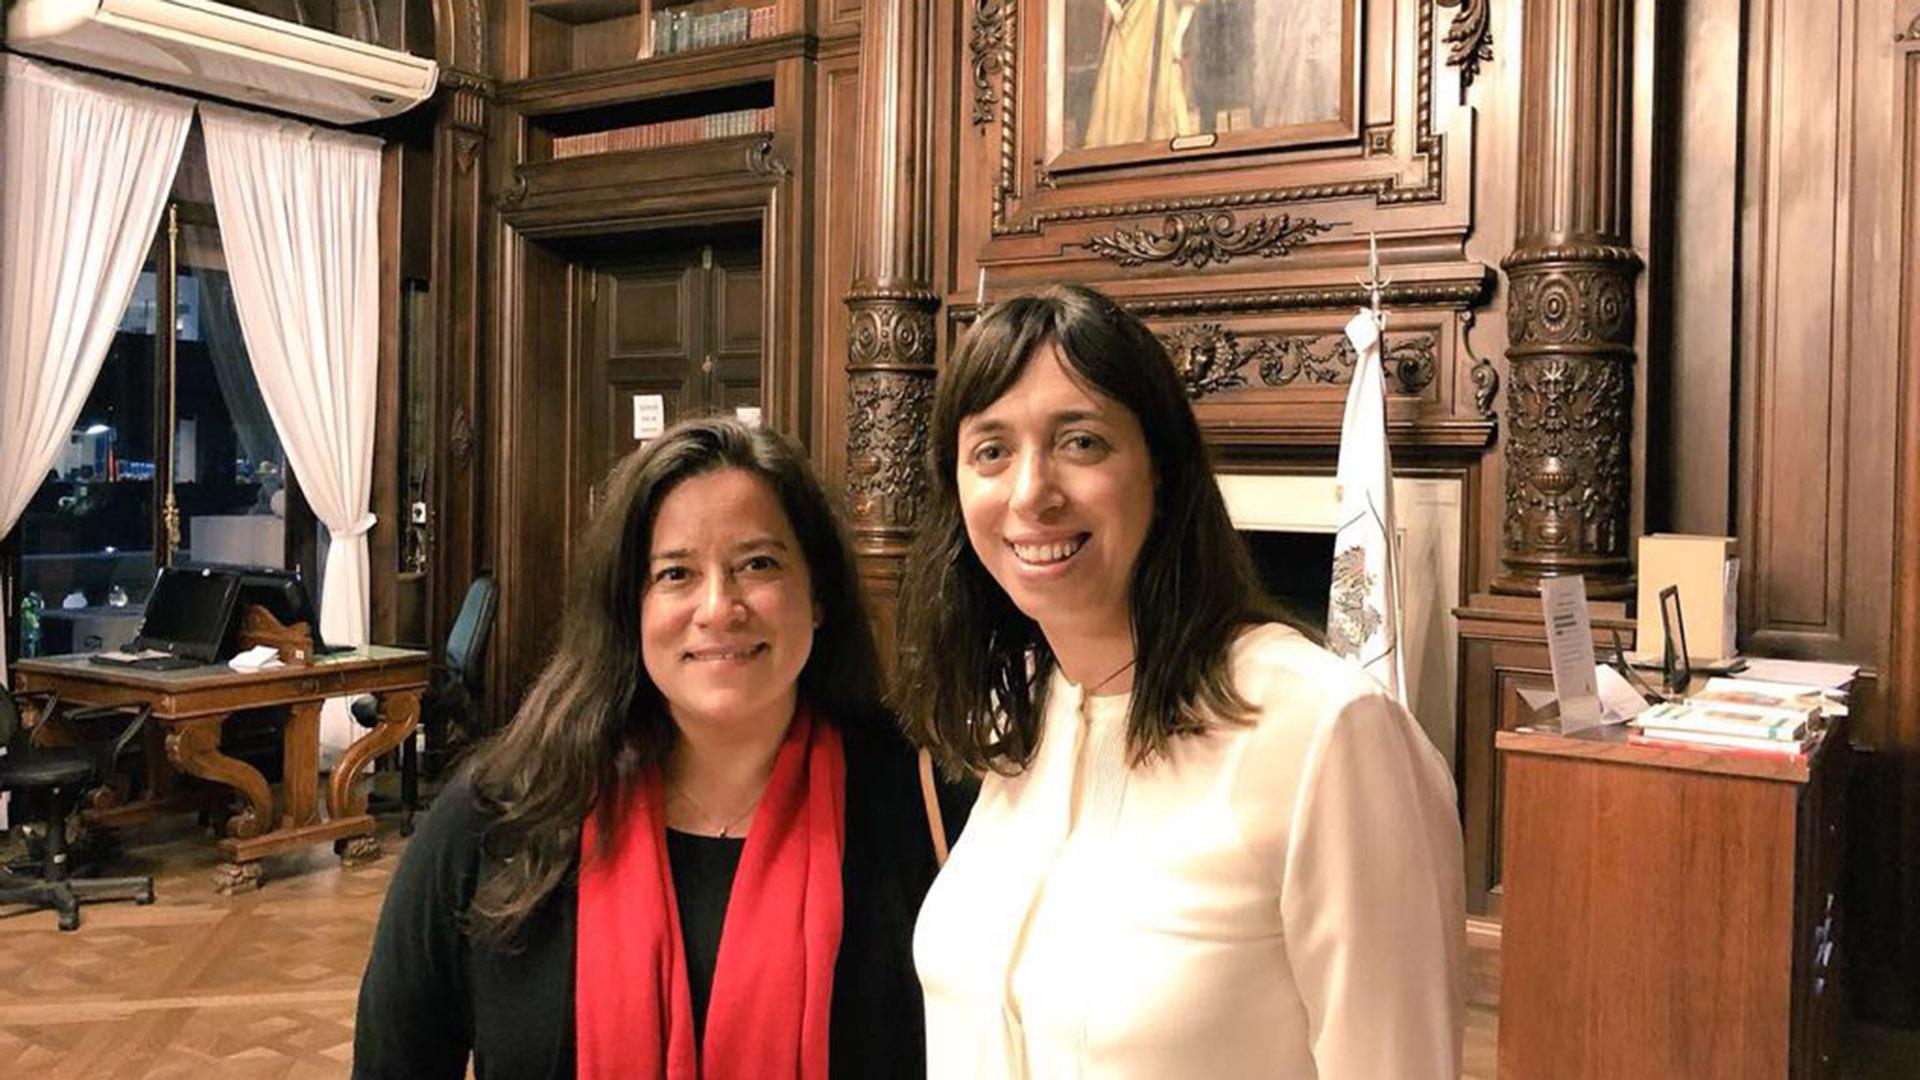 La ministra de Justicia y Fiscal General de Canadá, Jody Wilson-Rabybould, junto a la legisladora Fidel (fotos: Prensa Legislatura)